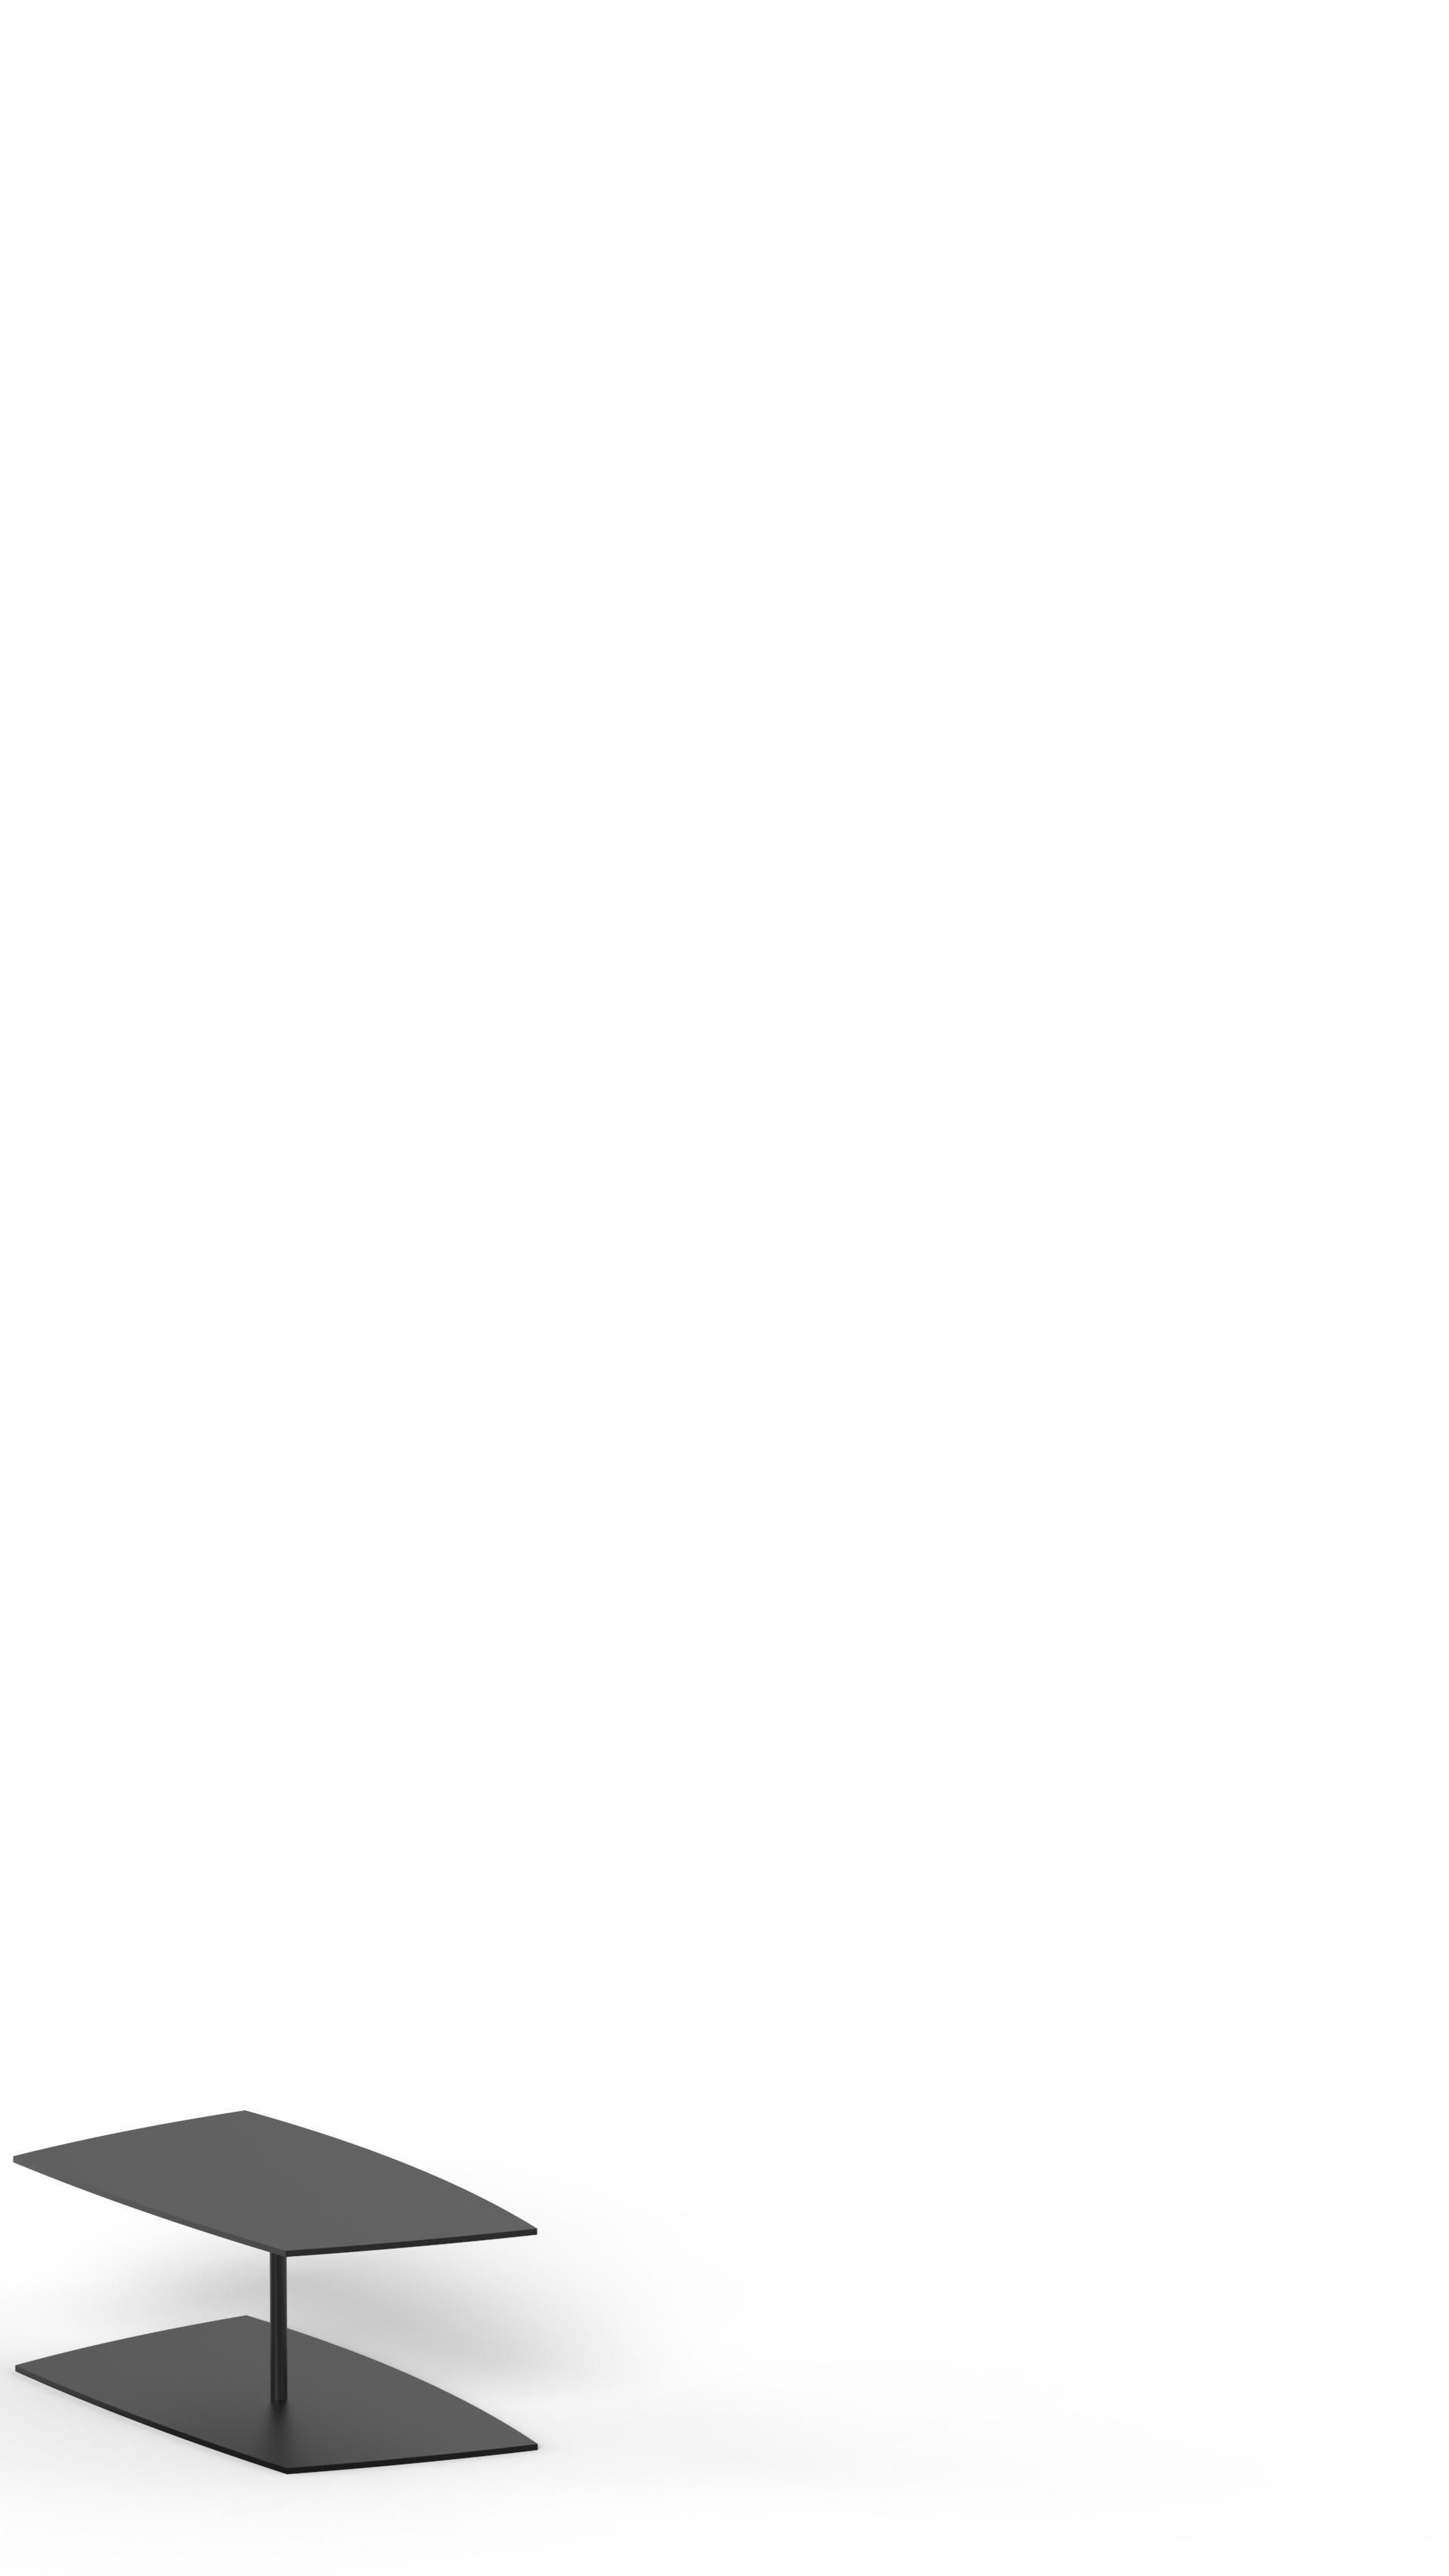 REGPA4 Présentoir pour accessoires polyvalent SAINT-HONORÉ PARIS